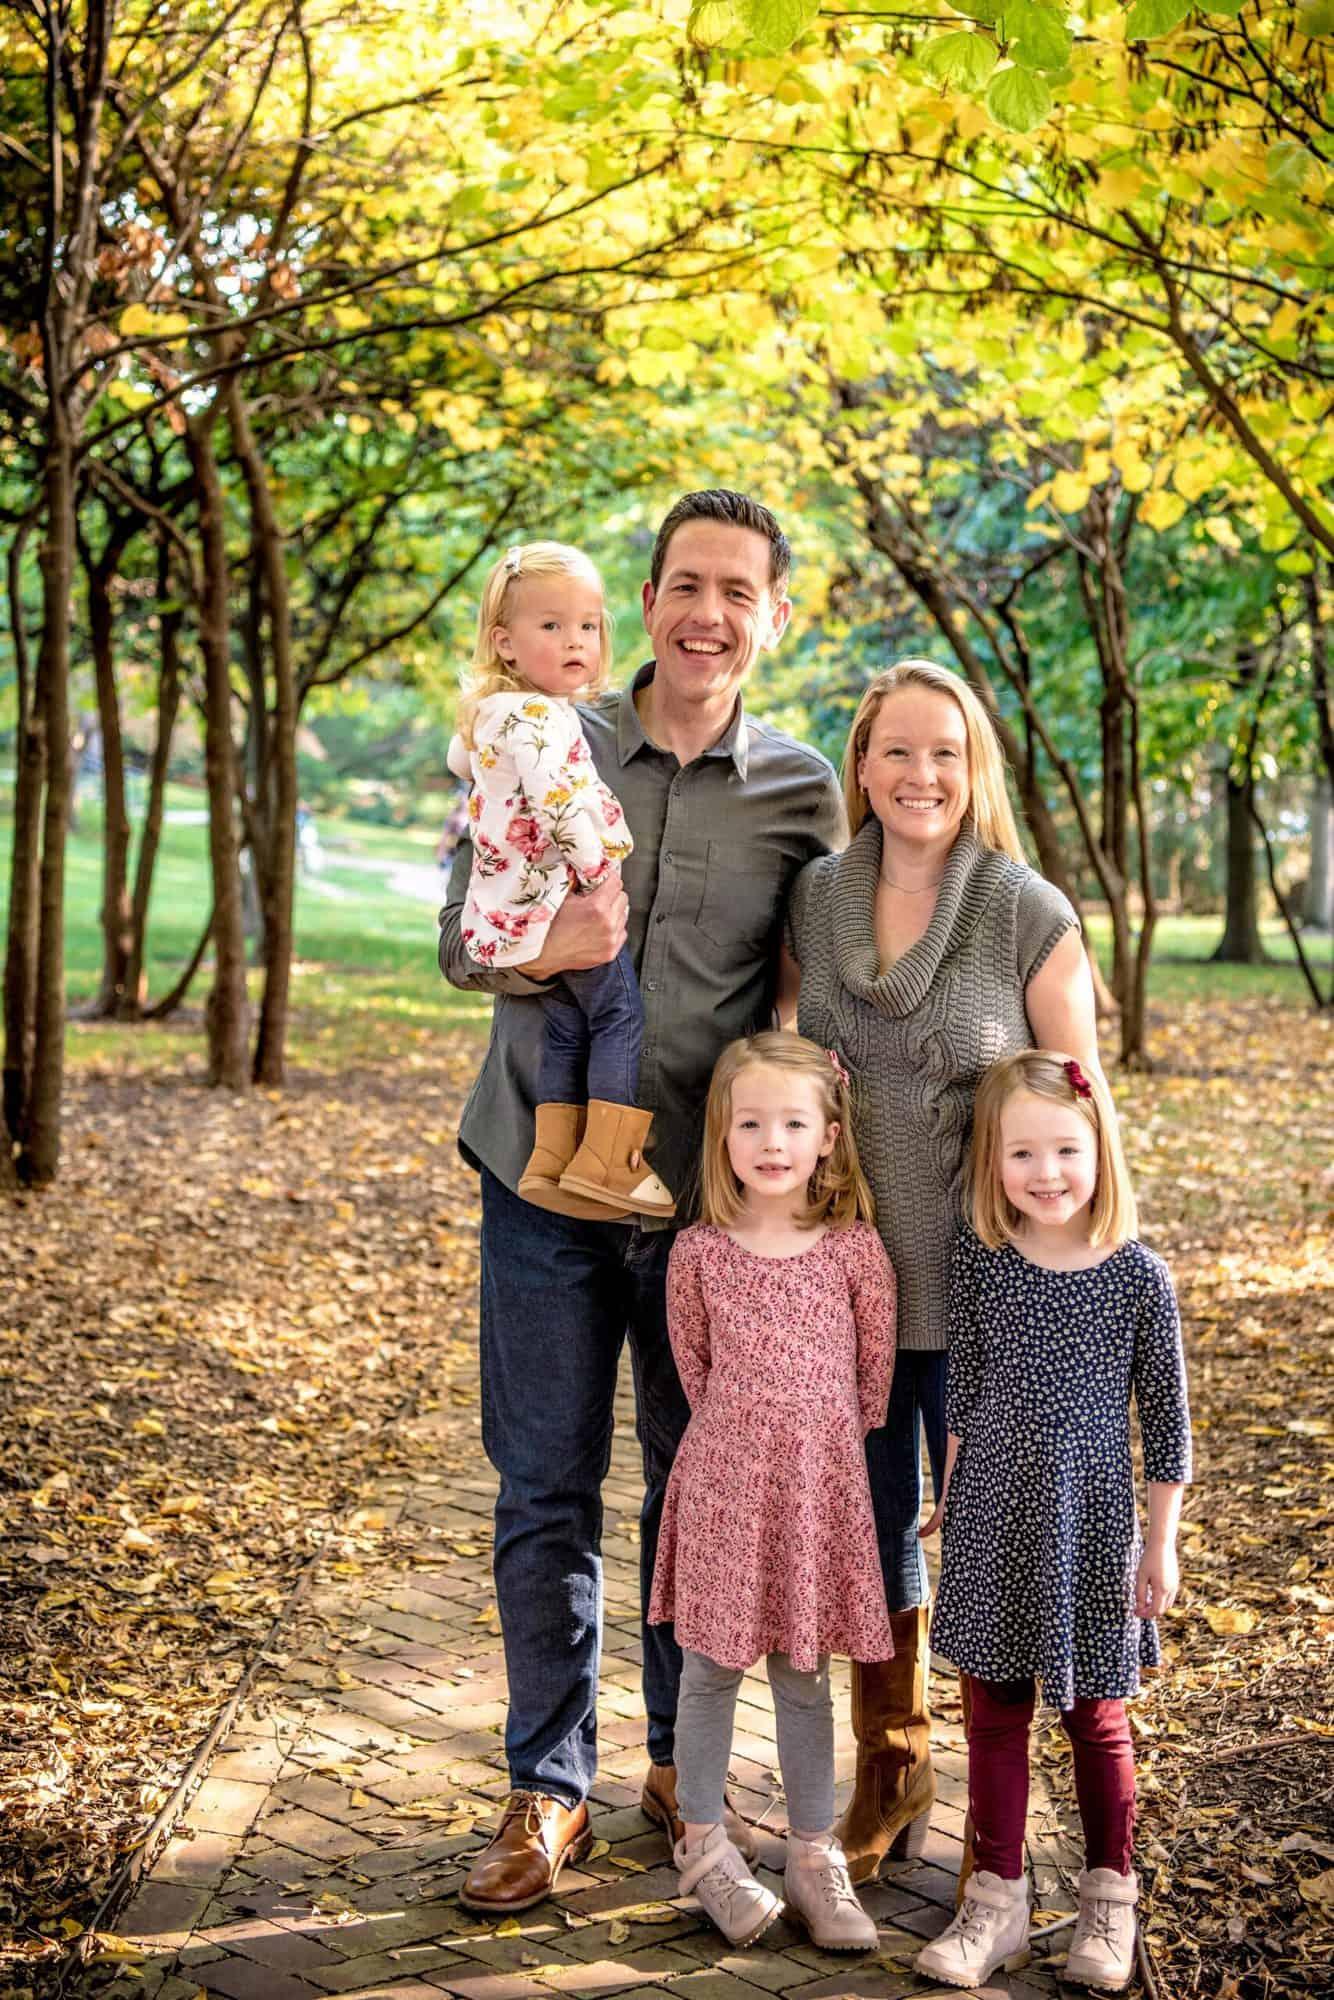 2020 Family Photo